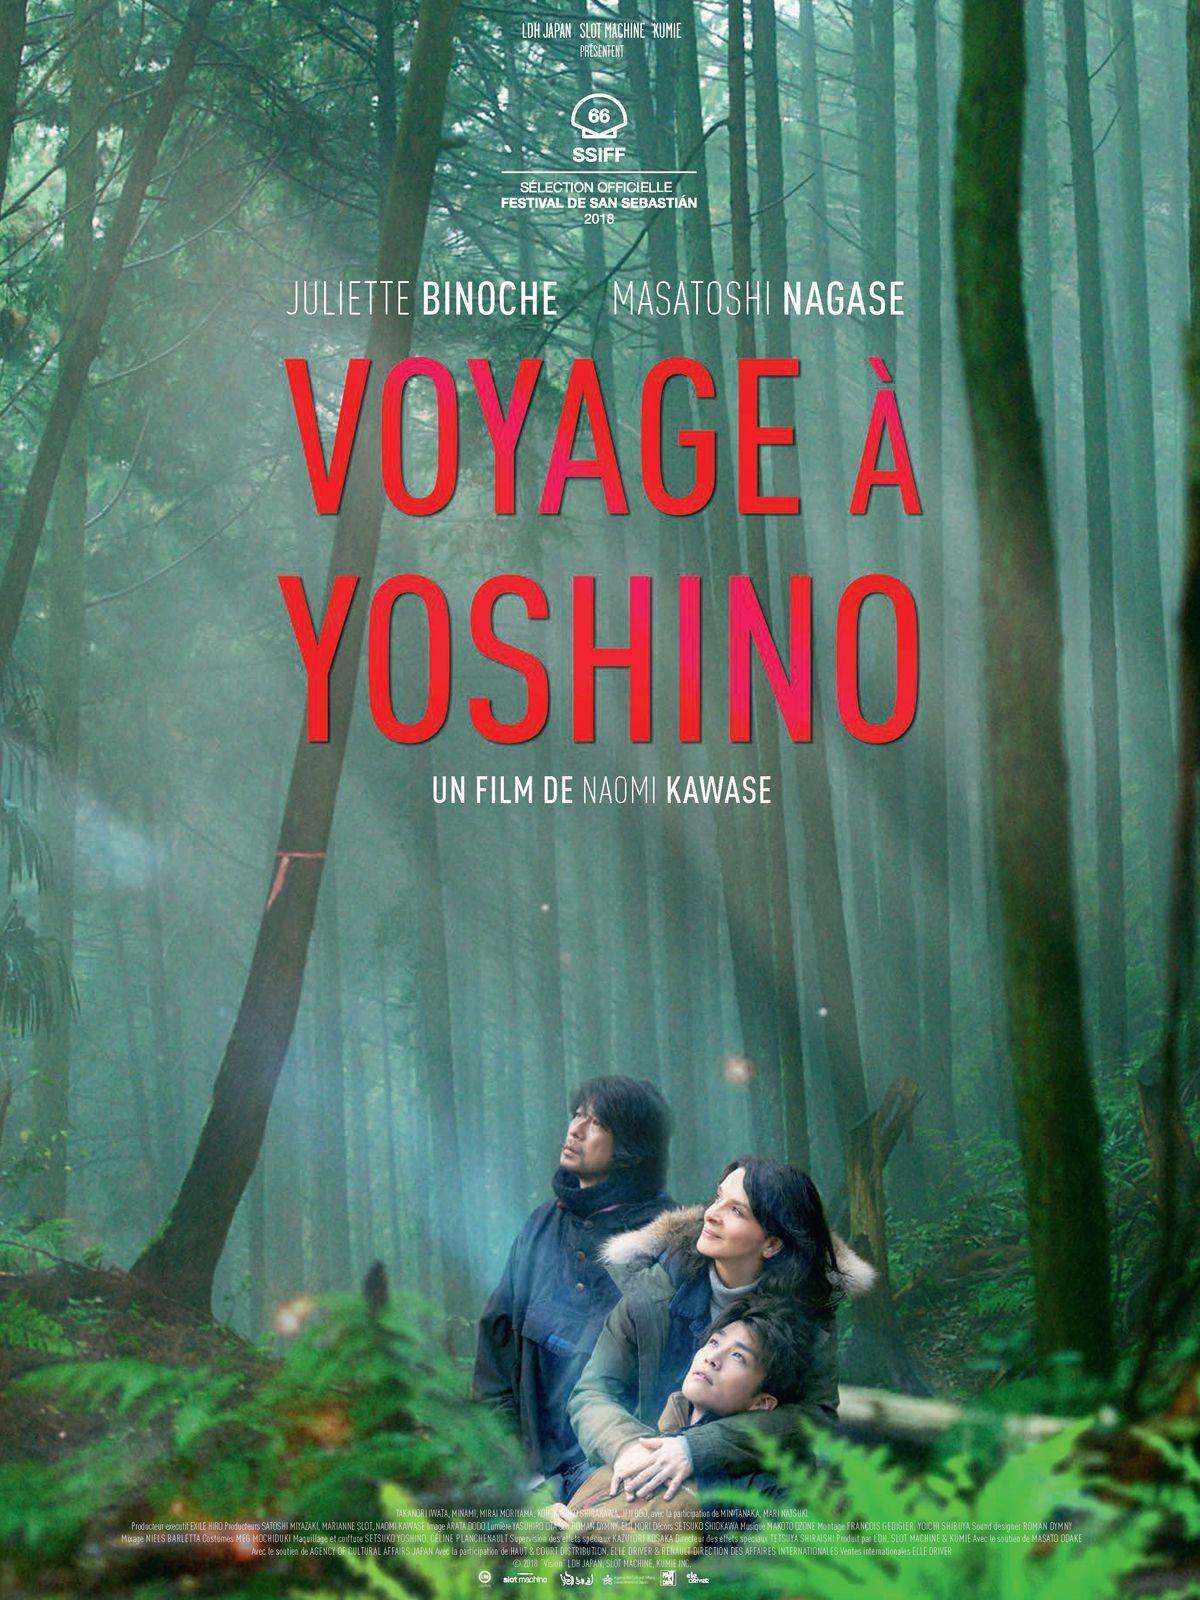 Voyage à Yoshino - Film (2018)